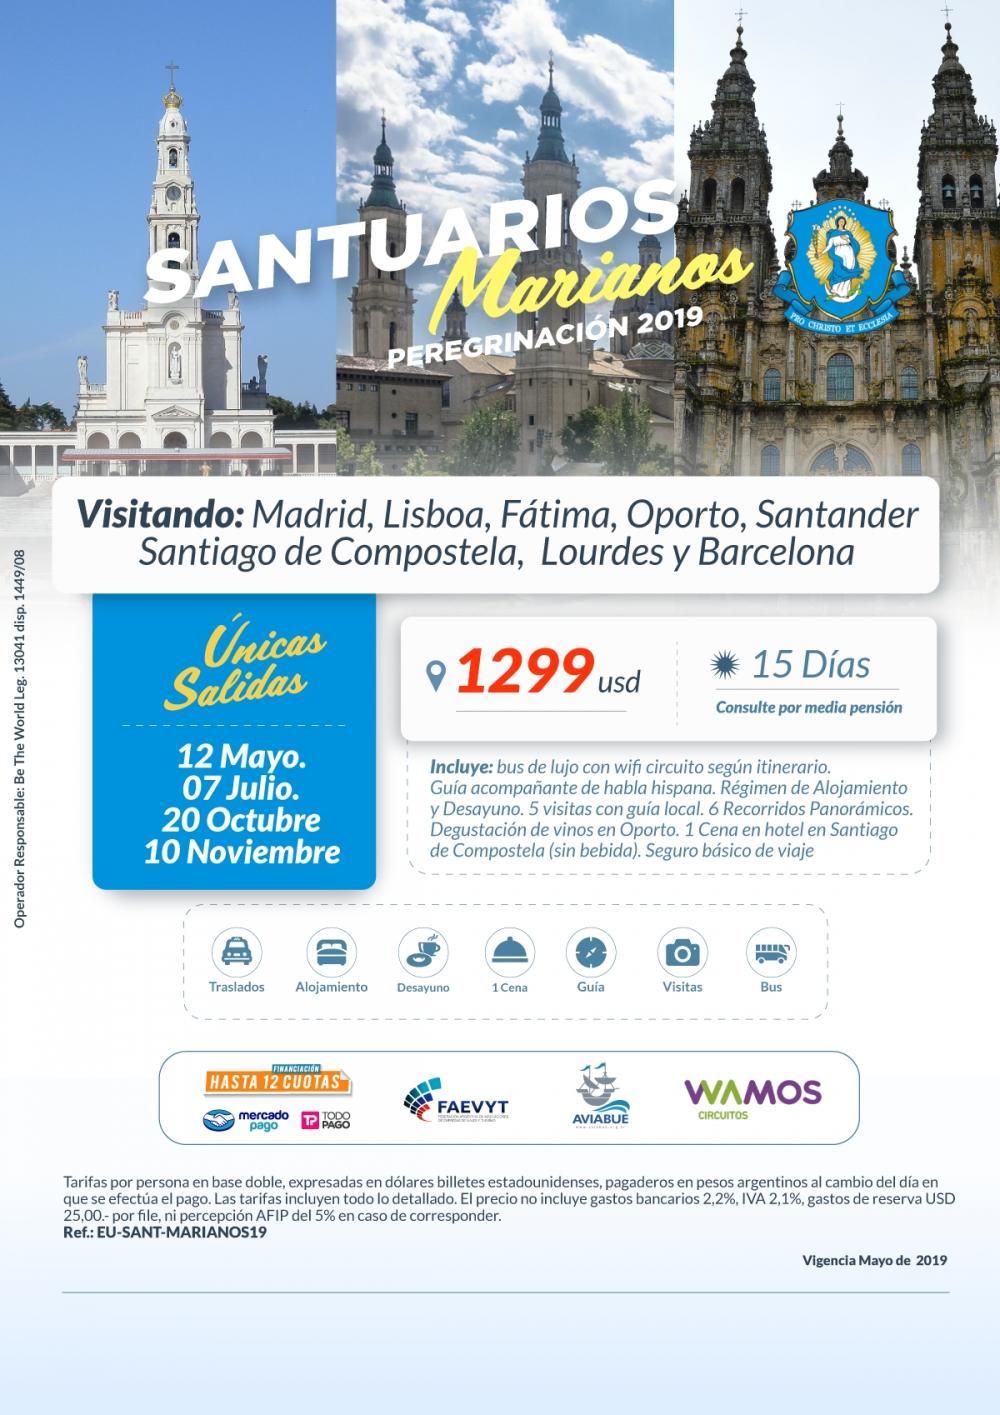 SANTUARIOS MARIANOS - Únicas Salidas 12/05 , 07/07 , 20/10 y 10/11